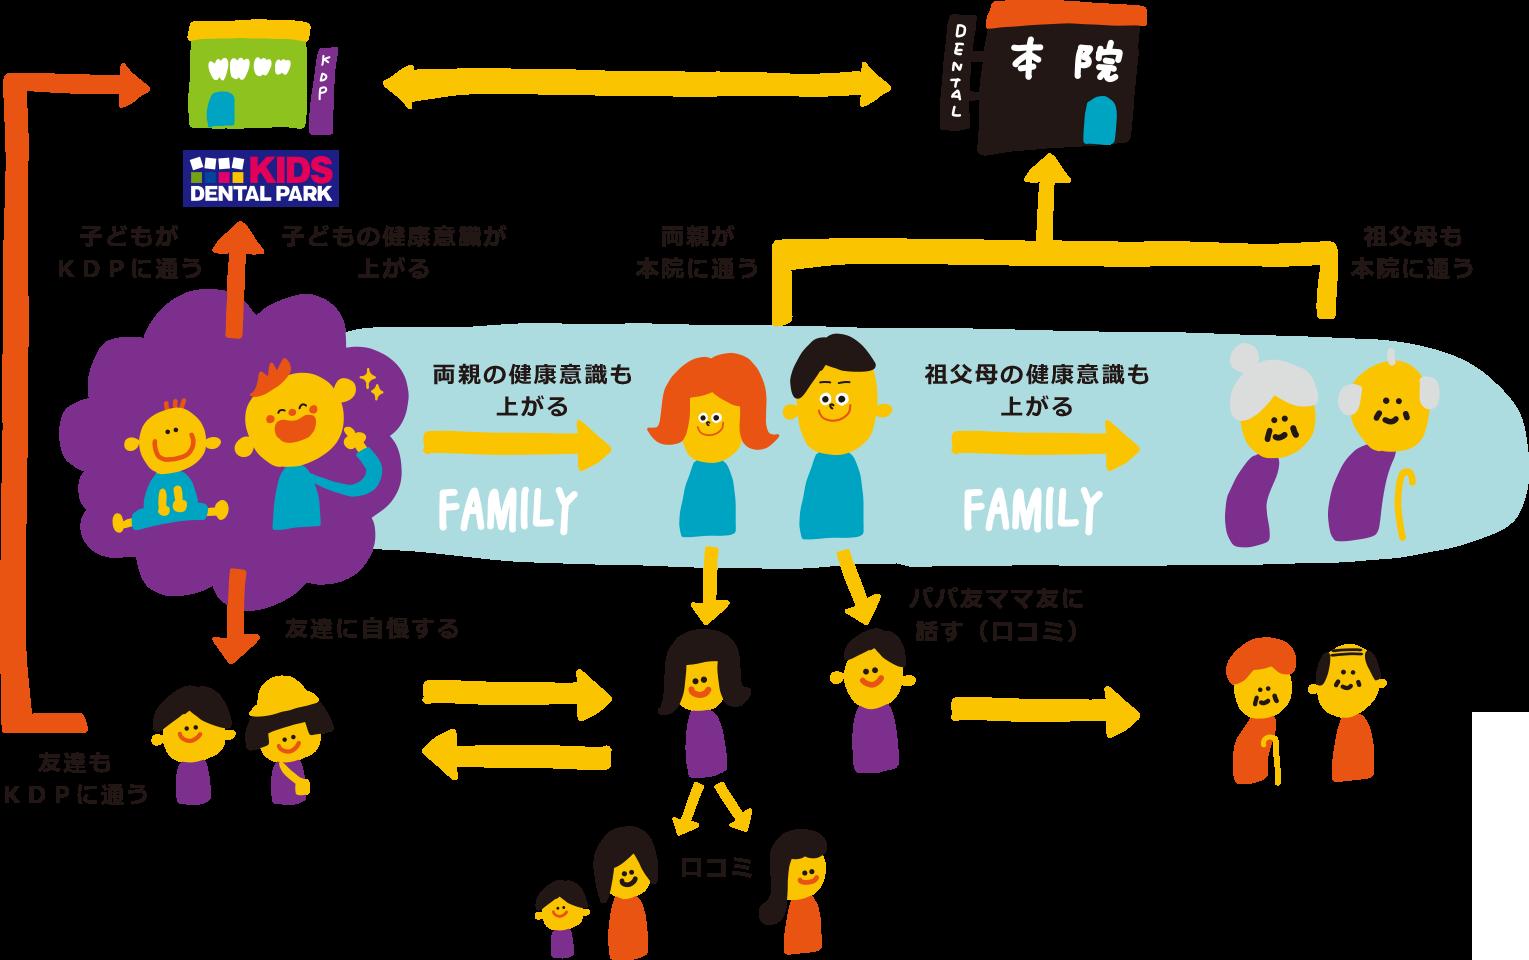 ④子どもだけでなく家族全体のお口を健康に導くための入口プラットフォーム